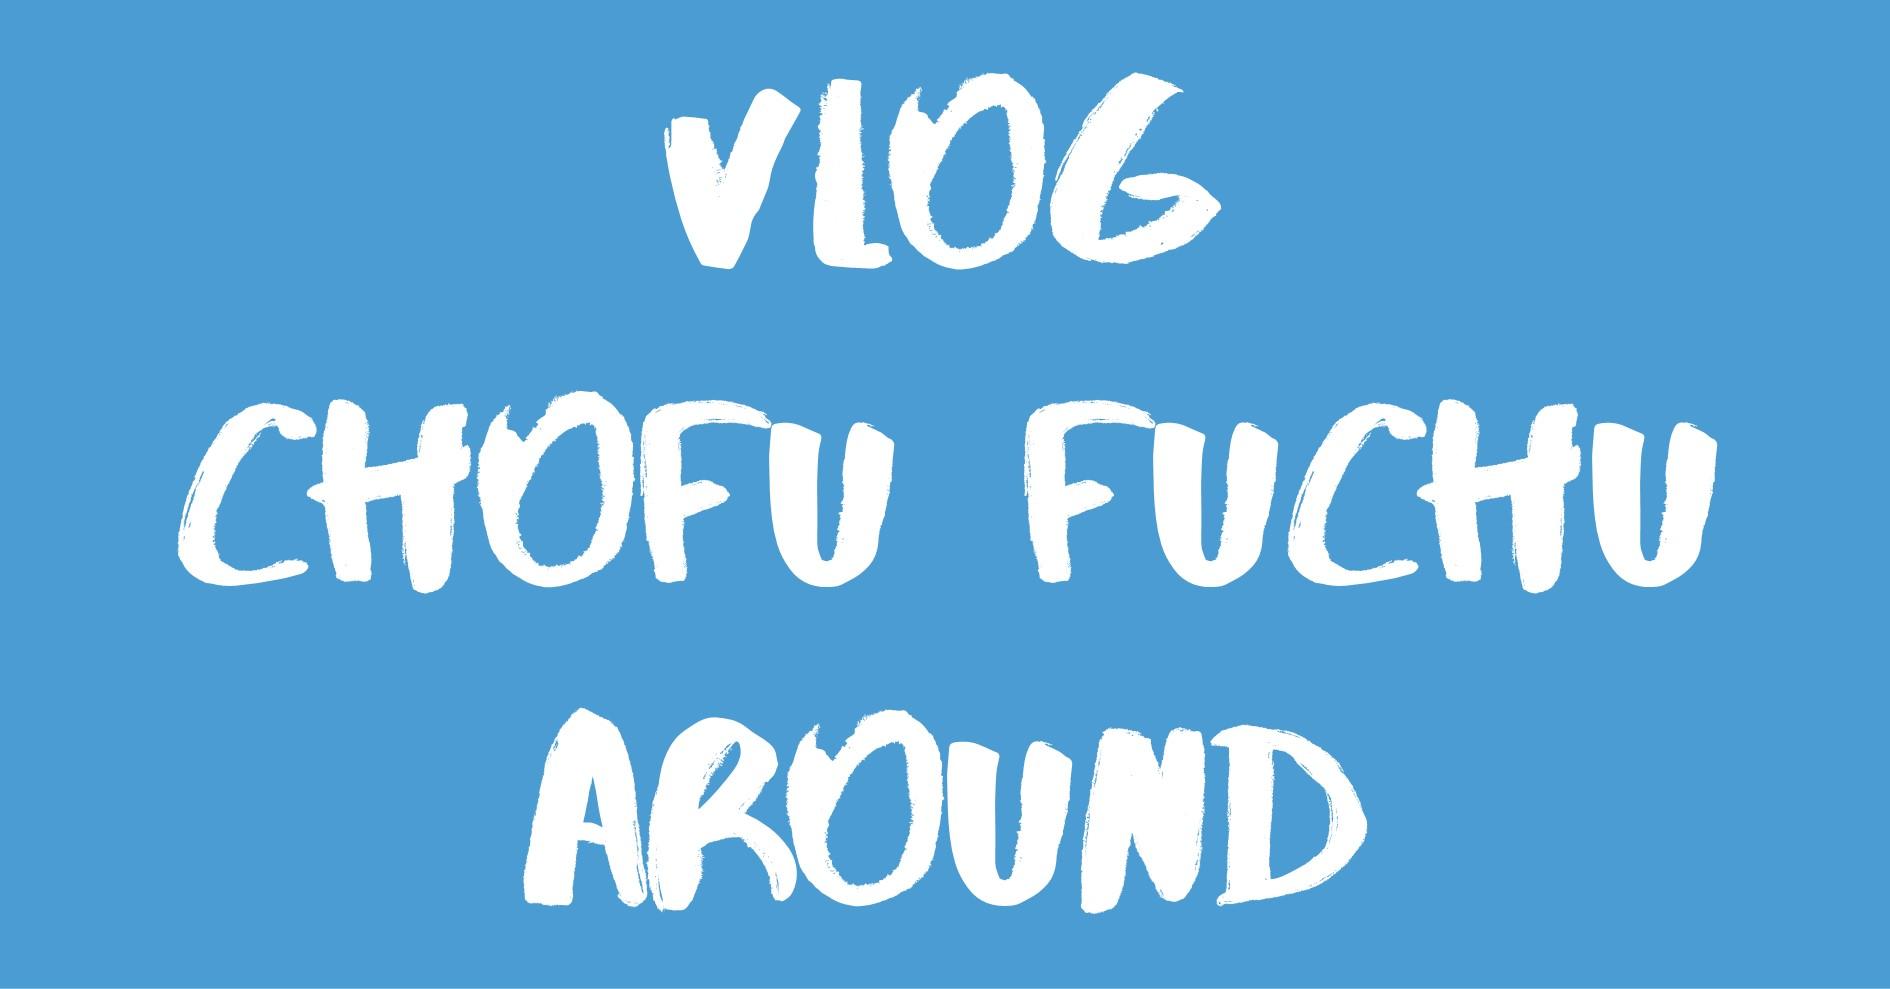 [Vlog] 調布&府中周辺エリア / Chofu, Fuchu & Around